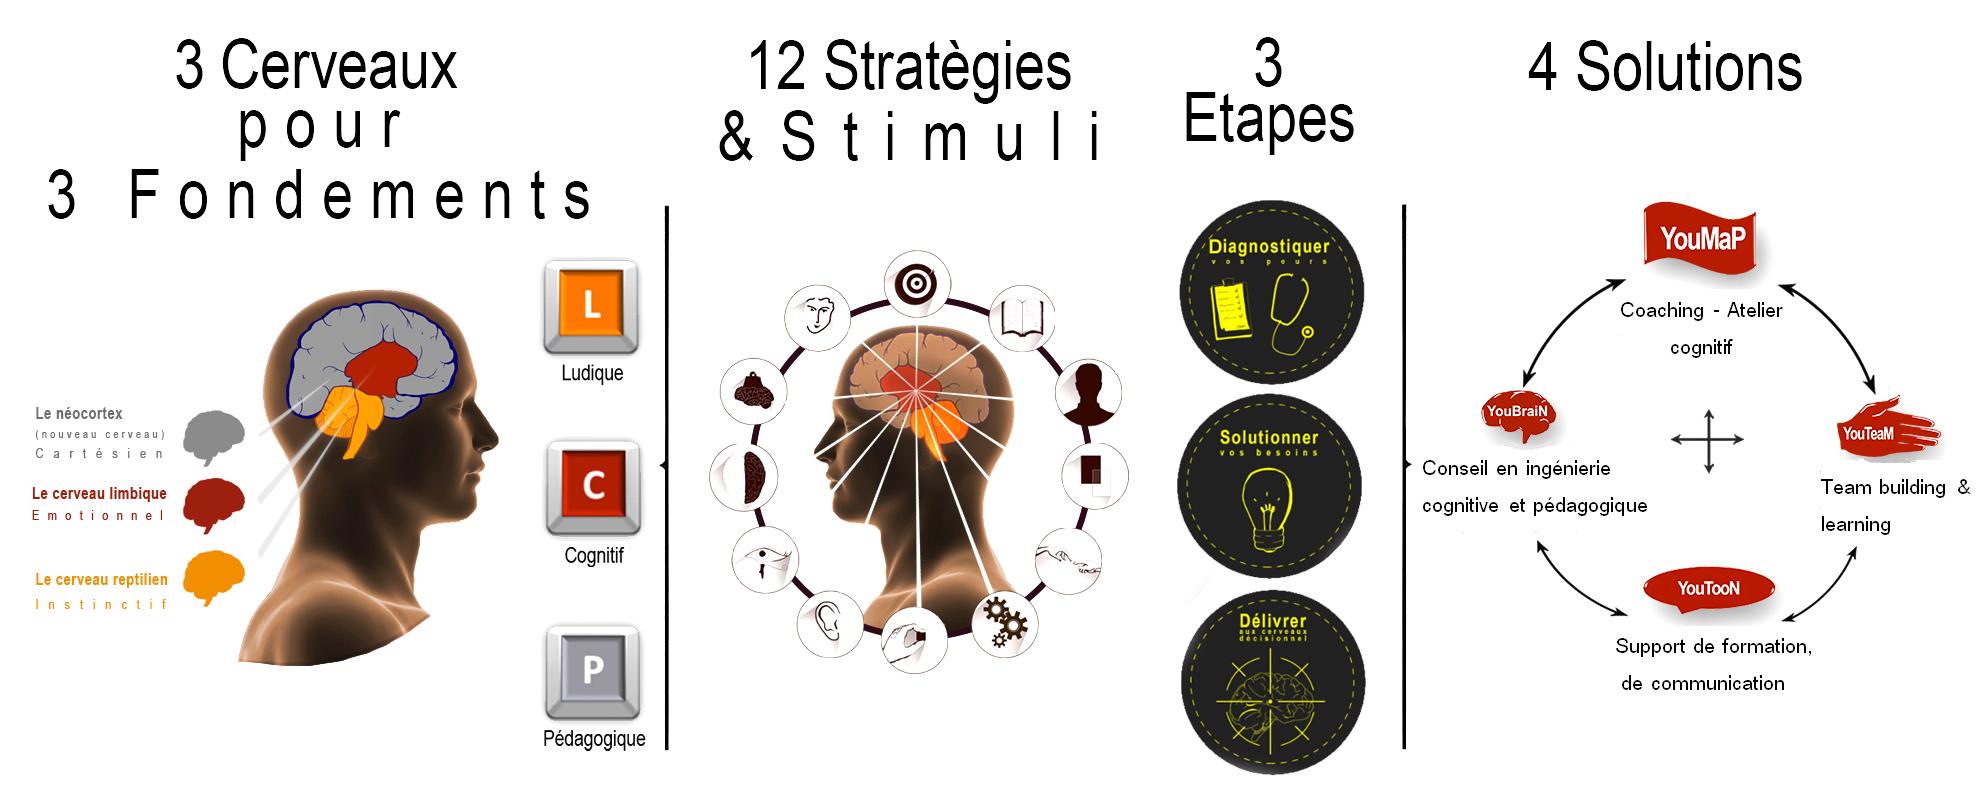 3 cerveaux pour 3 fondements stratégies étapes solutions 2016 4